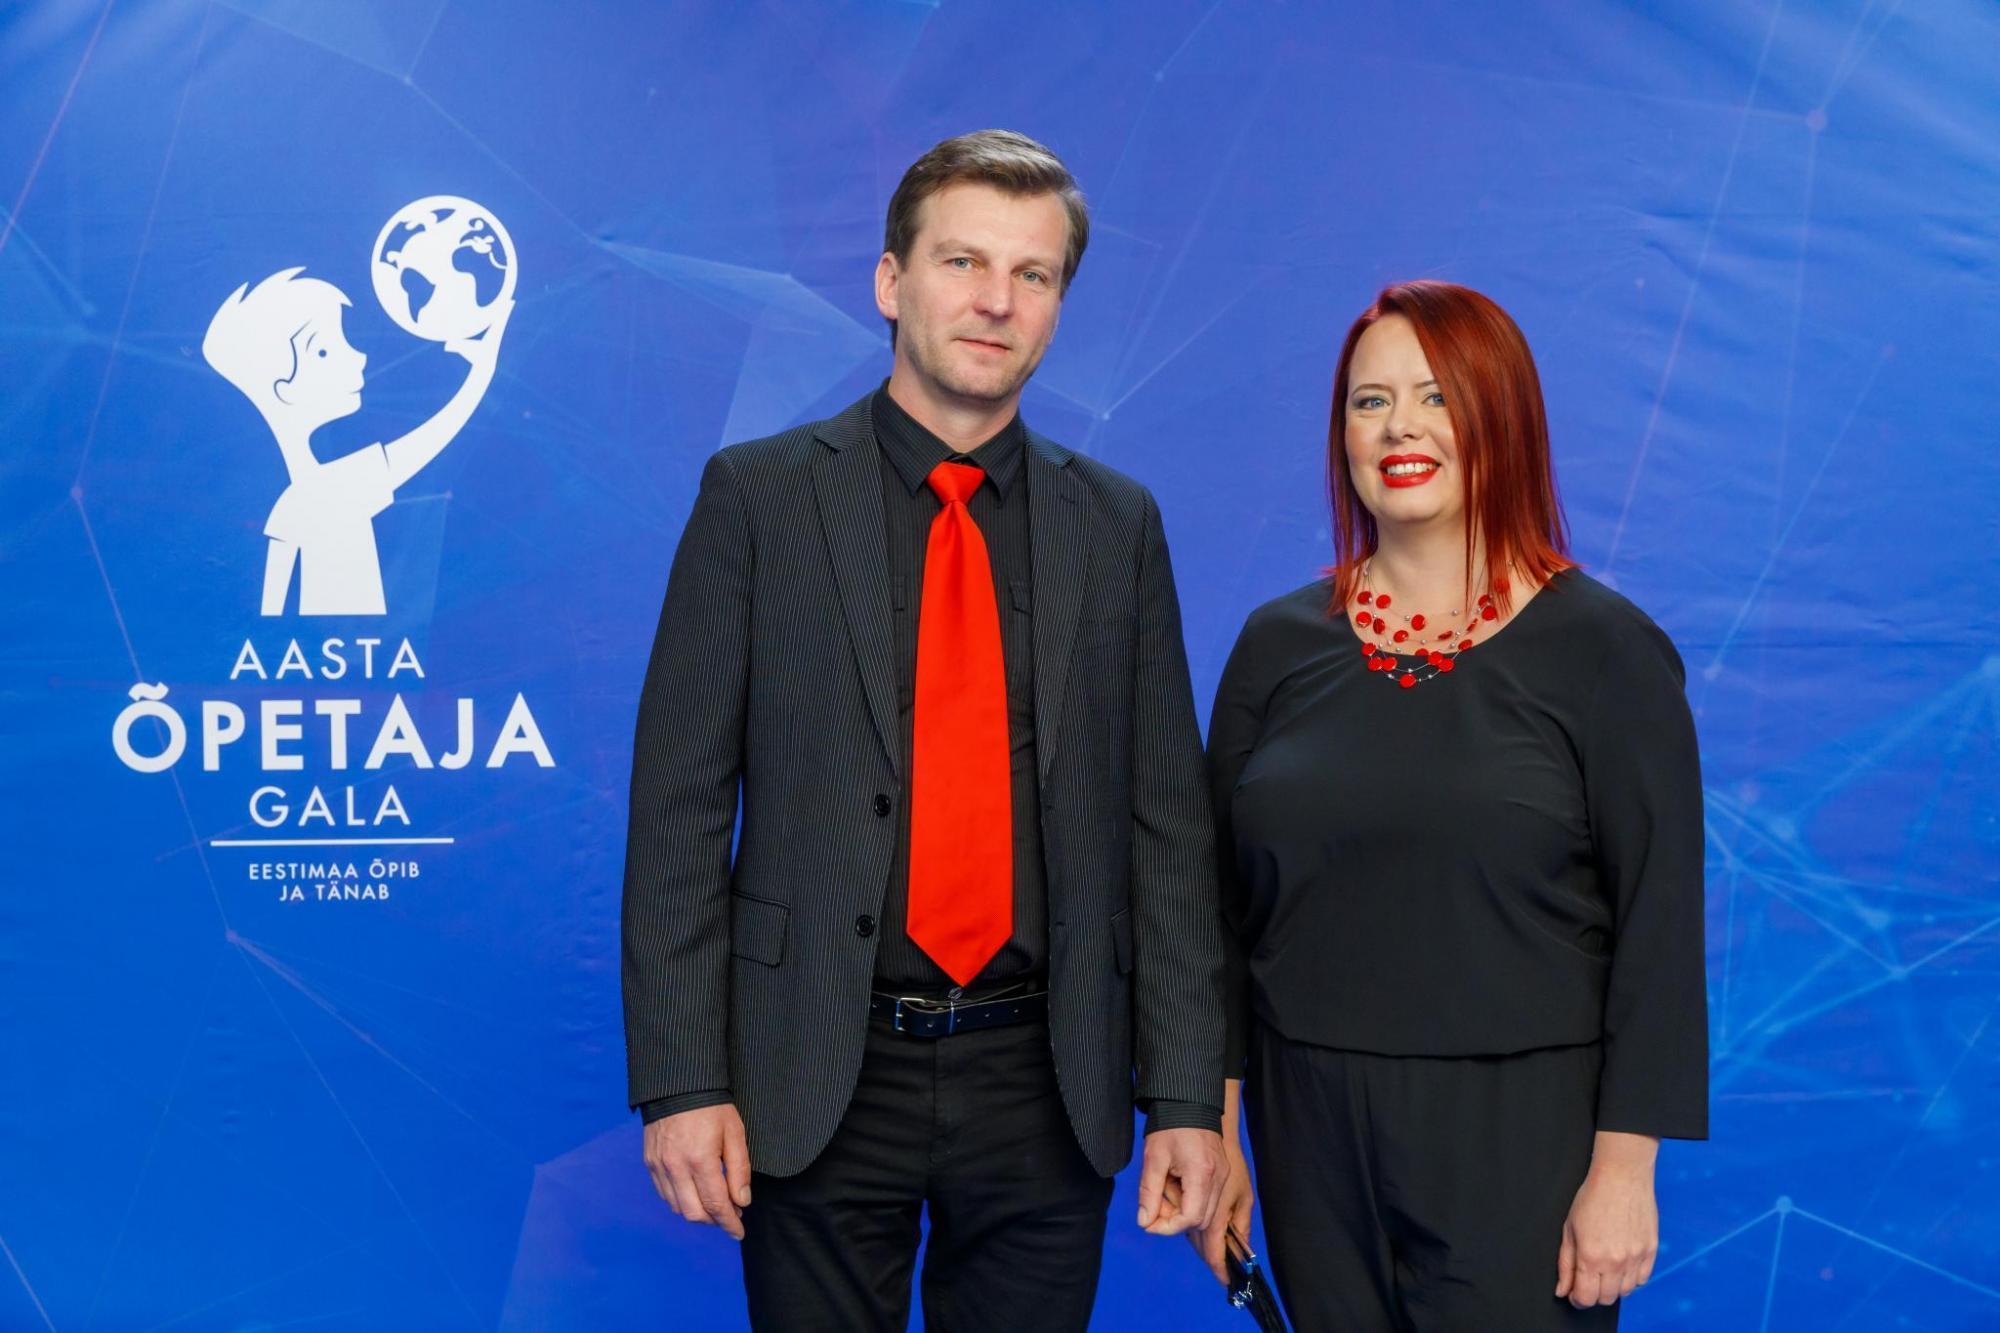 Aasta tugispetsialisti nominent 2020 - Liina Kikas